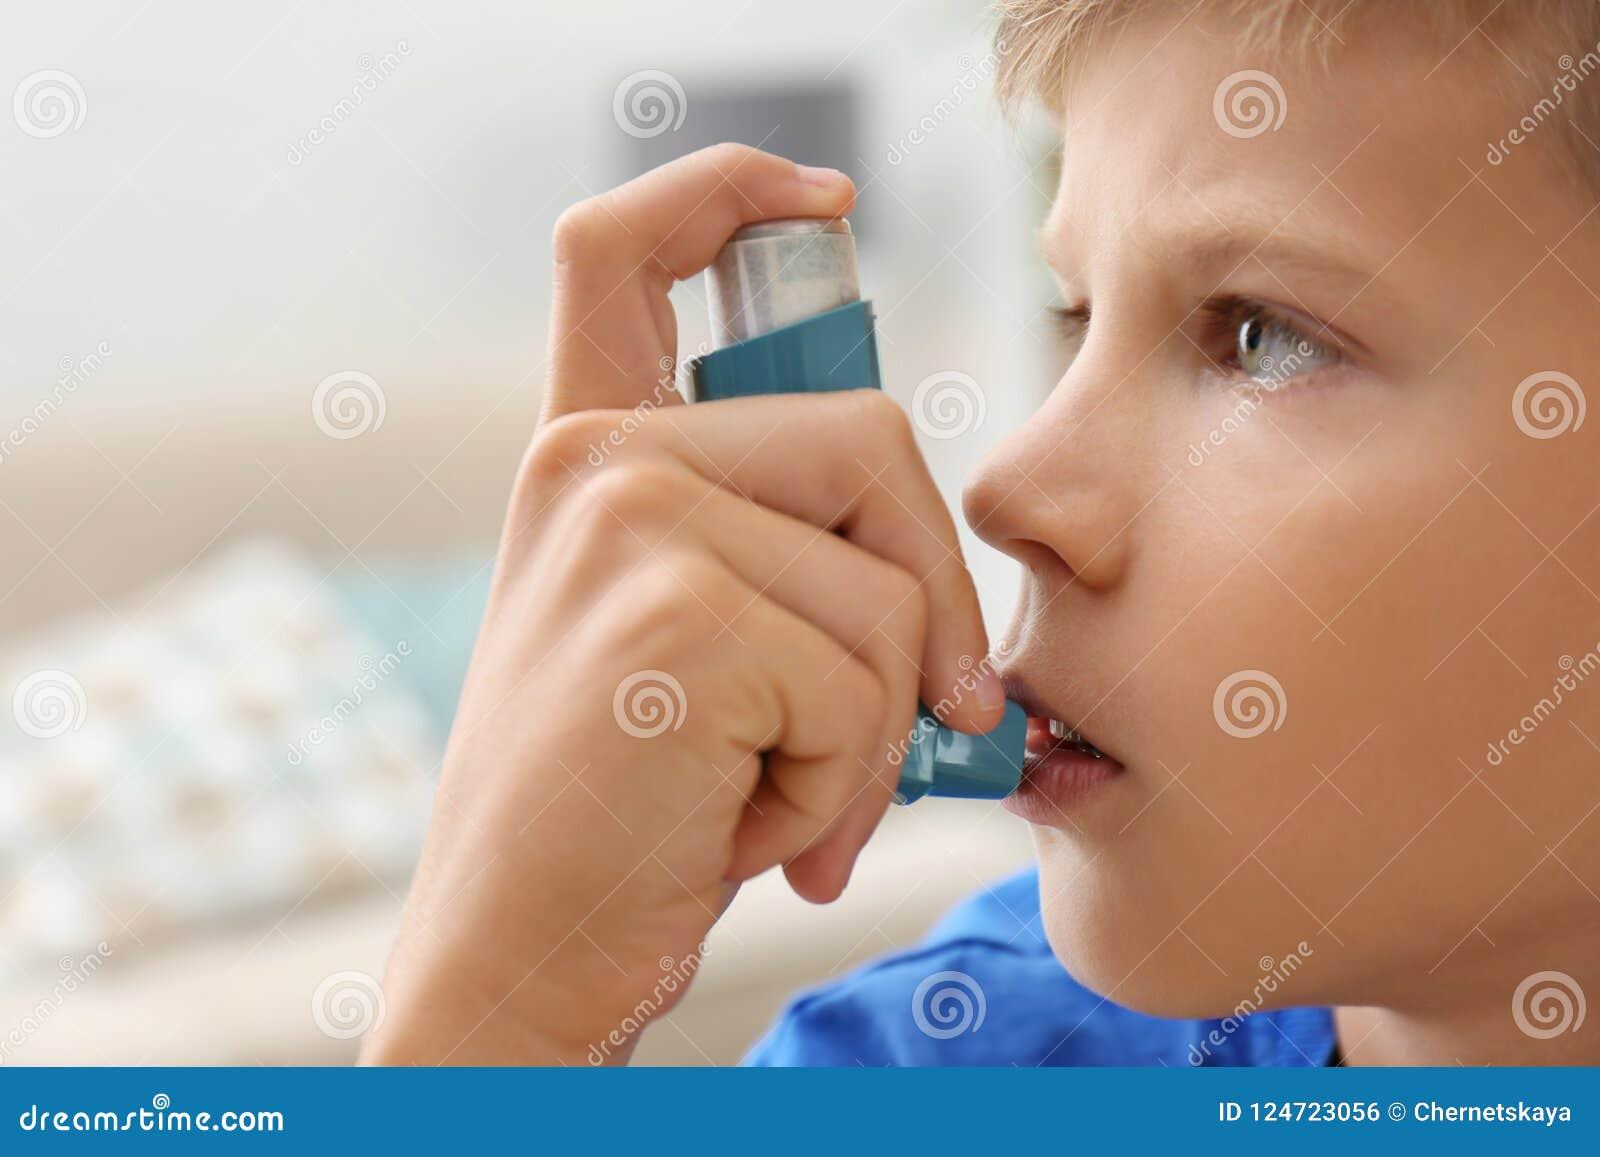 Pys som använder astmainhalatorn